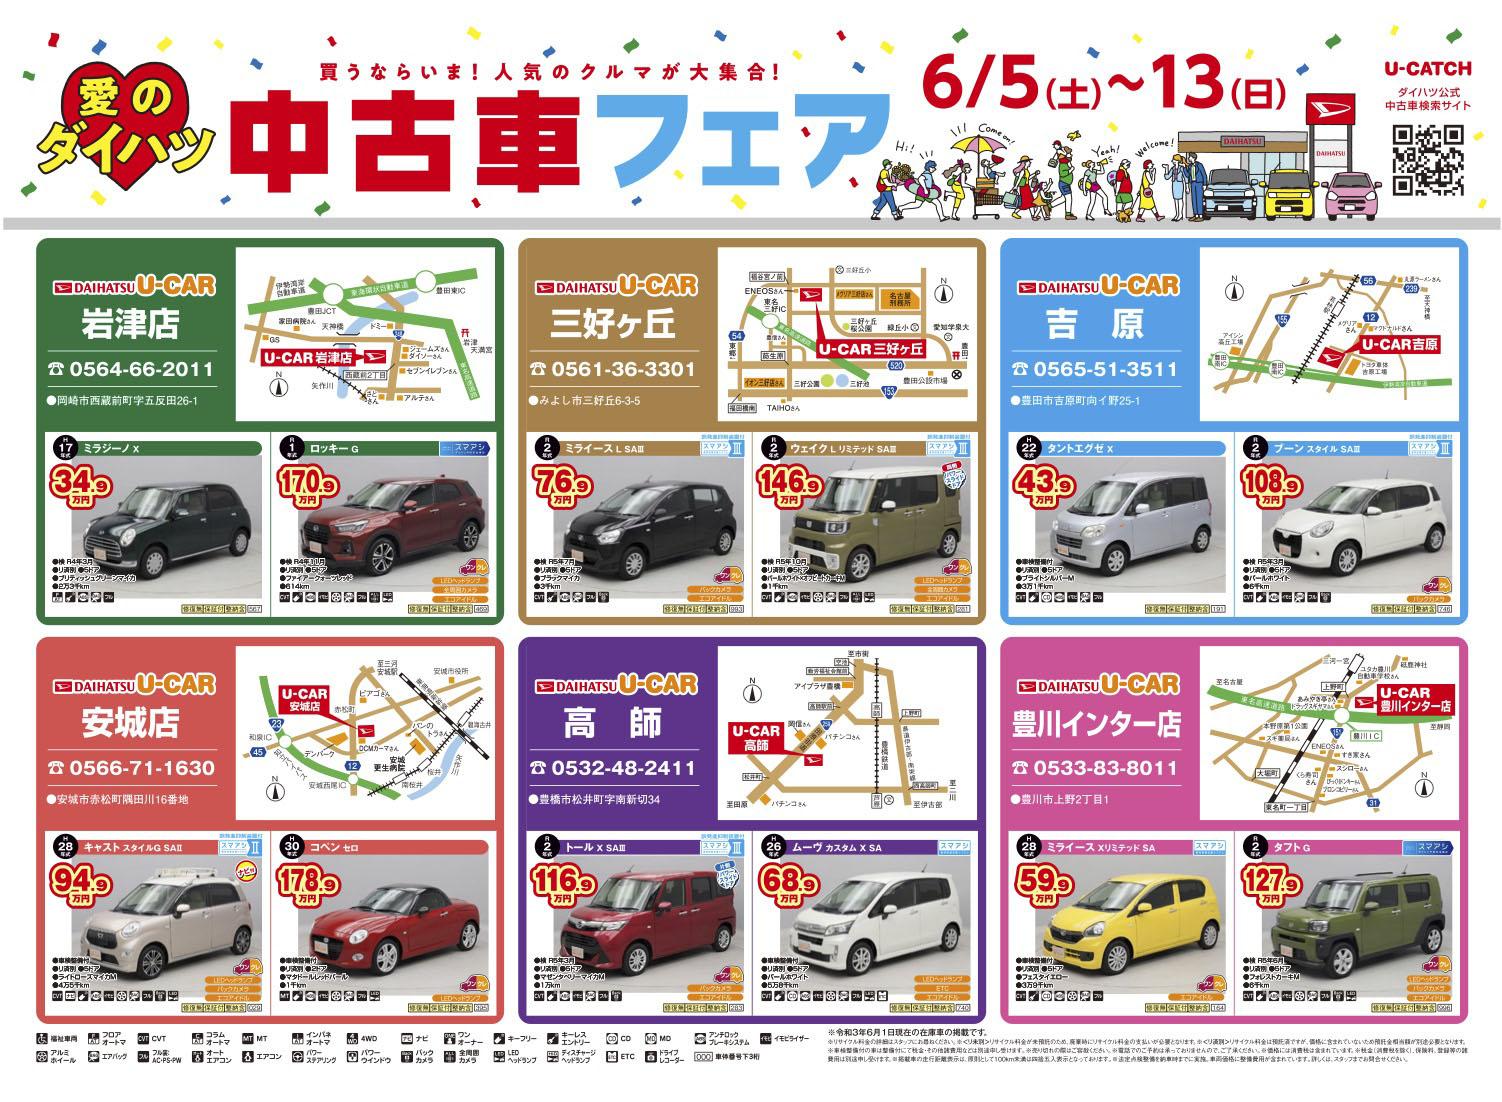 中古車フェア 6/5(土)~13(日)